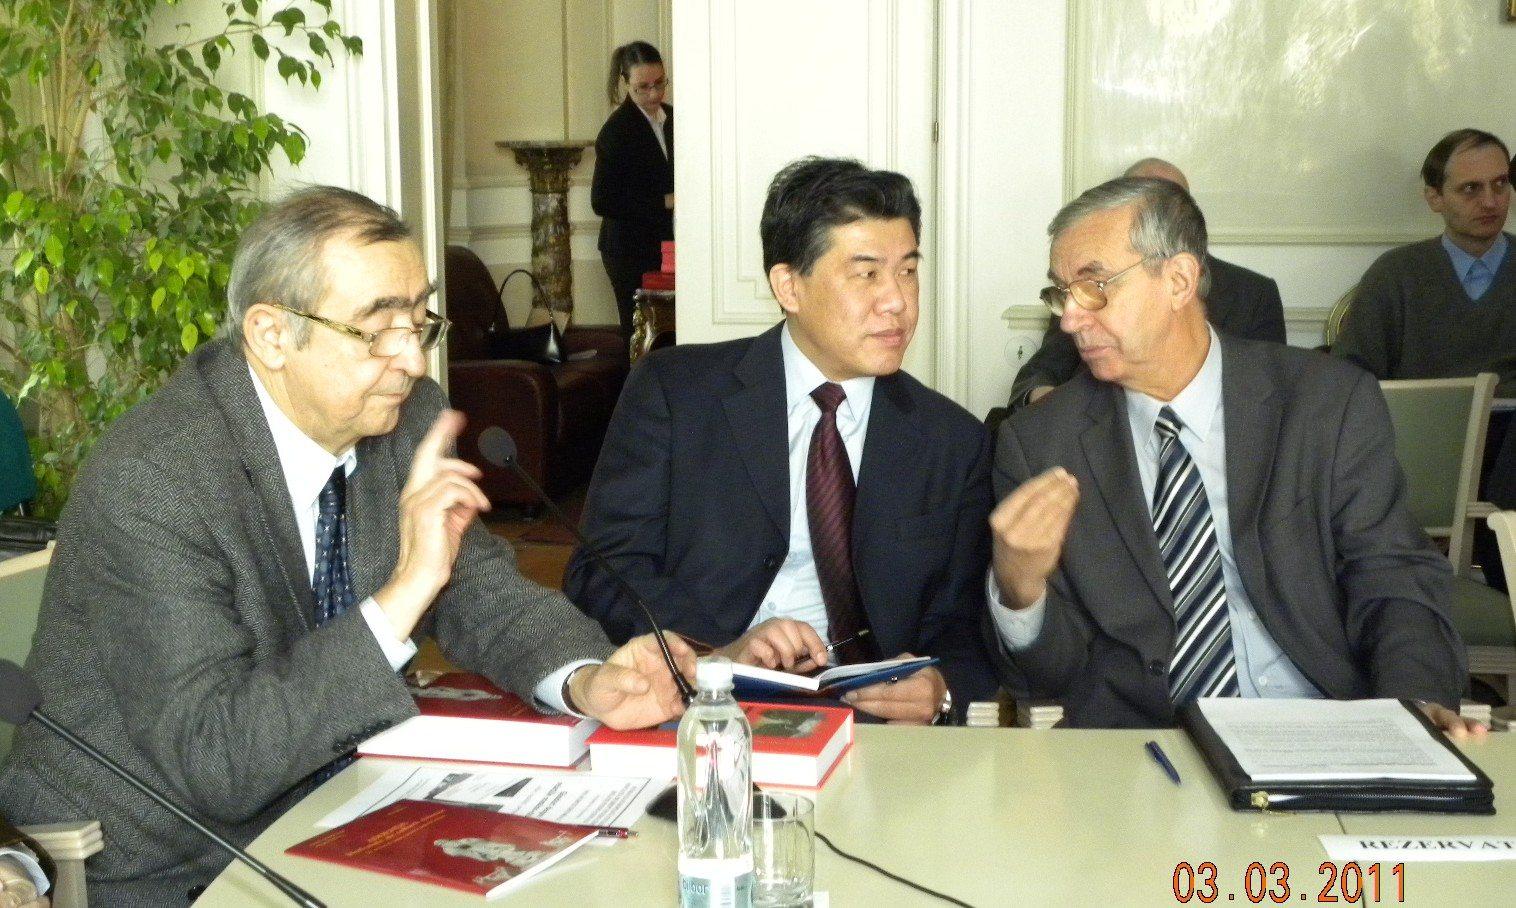 Gânduri despre relaţiile româno-chineze. Valori, realităţi, perspective